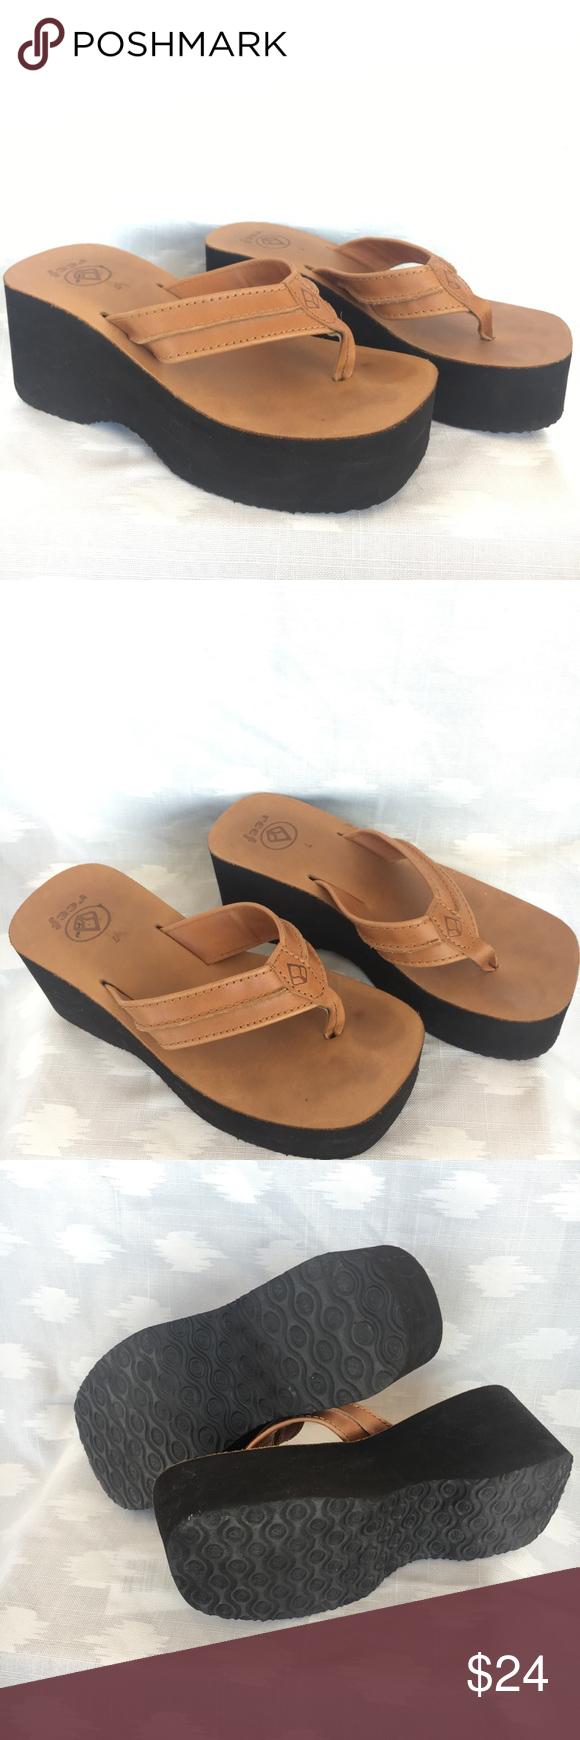 0d1538c211c Reef Platform Tan Flip Flops Women s size 7 Reef Flip Flops • Tan fabric •  a little less than 3